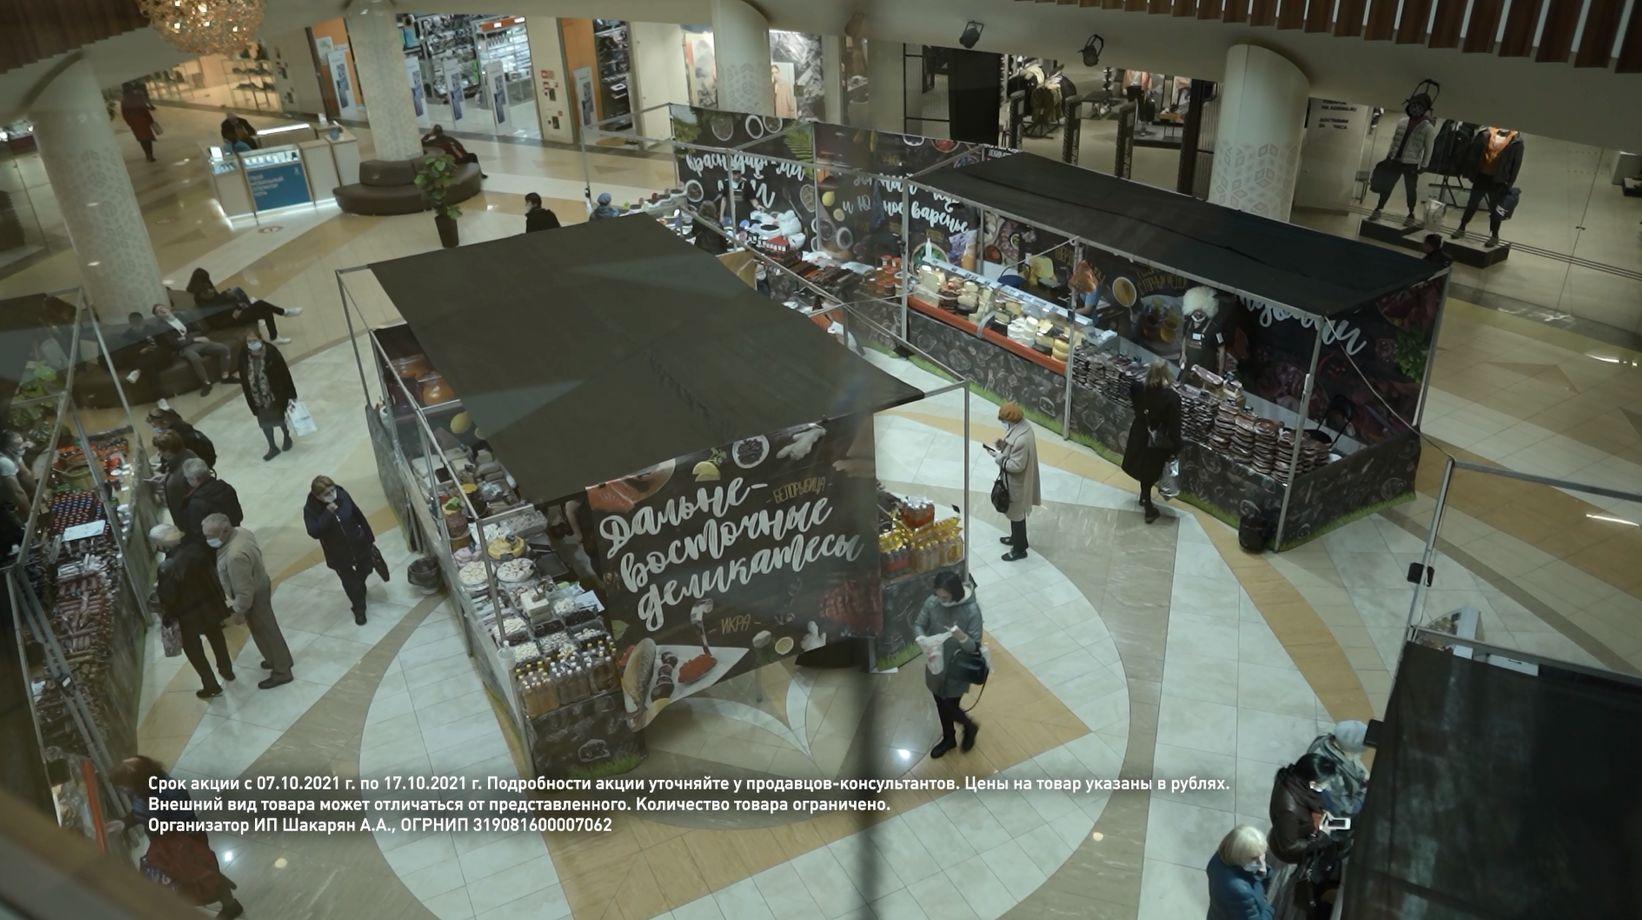 Выставка «От Абхазии до Камчатки» работает в Ярославль